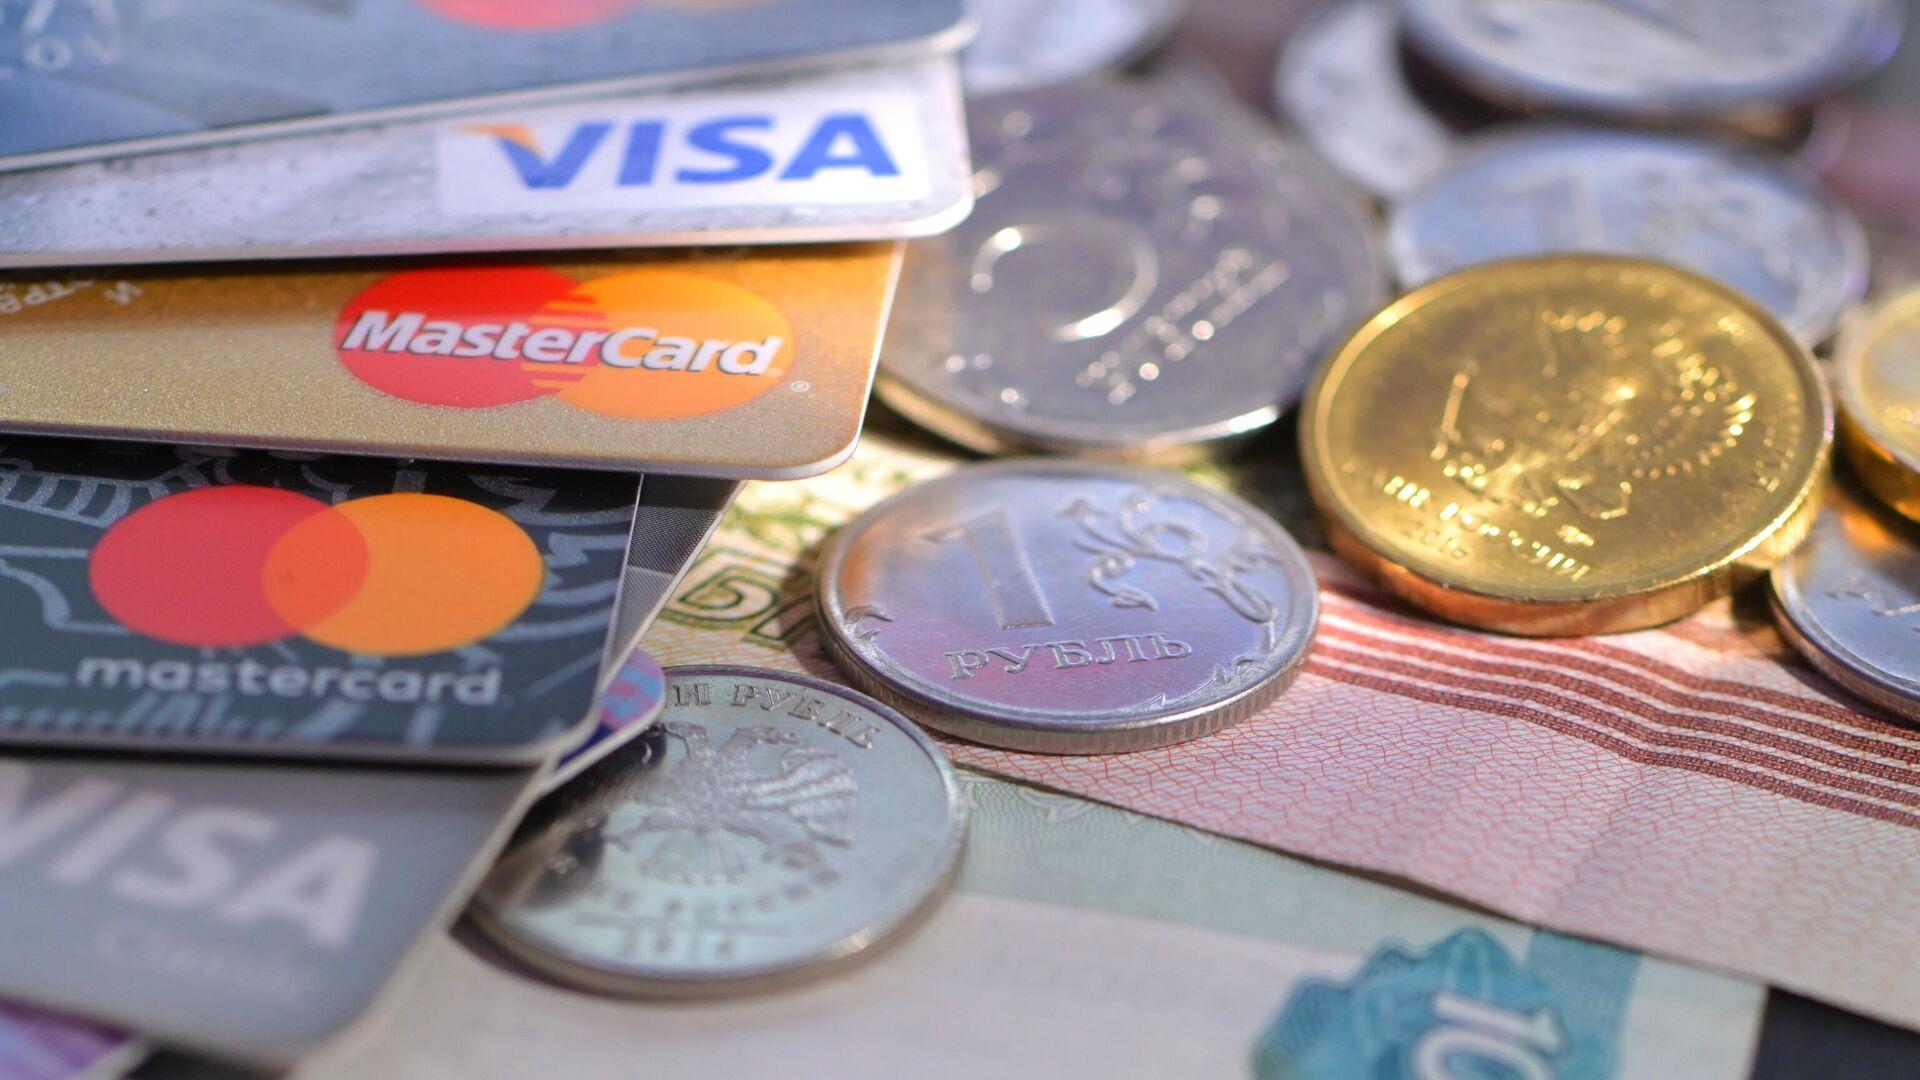 Глава Visa в России Бернер: нельзя никому сообщать данные своей банковской карты